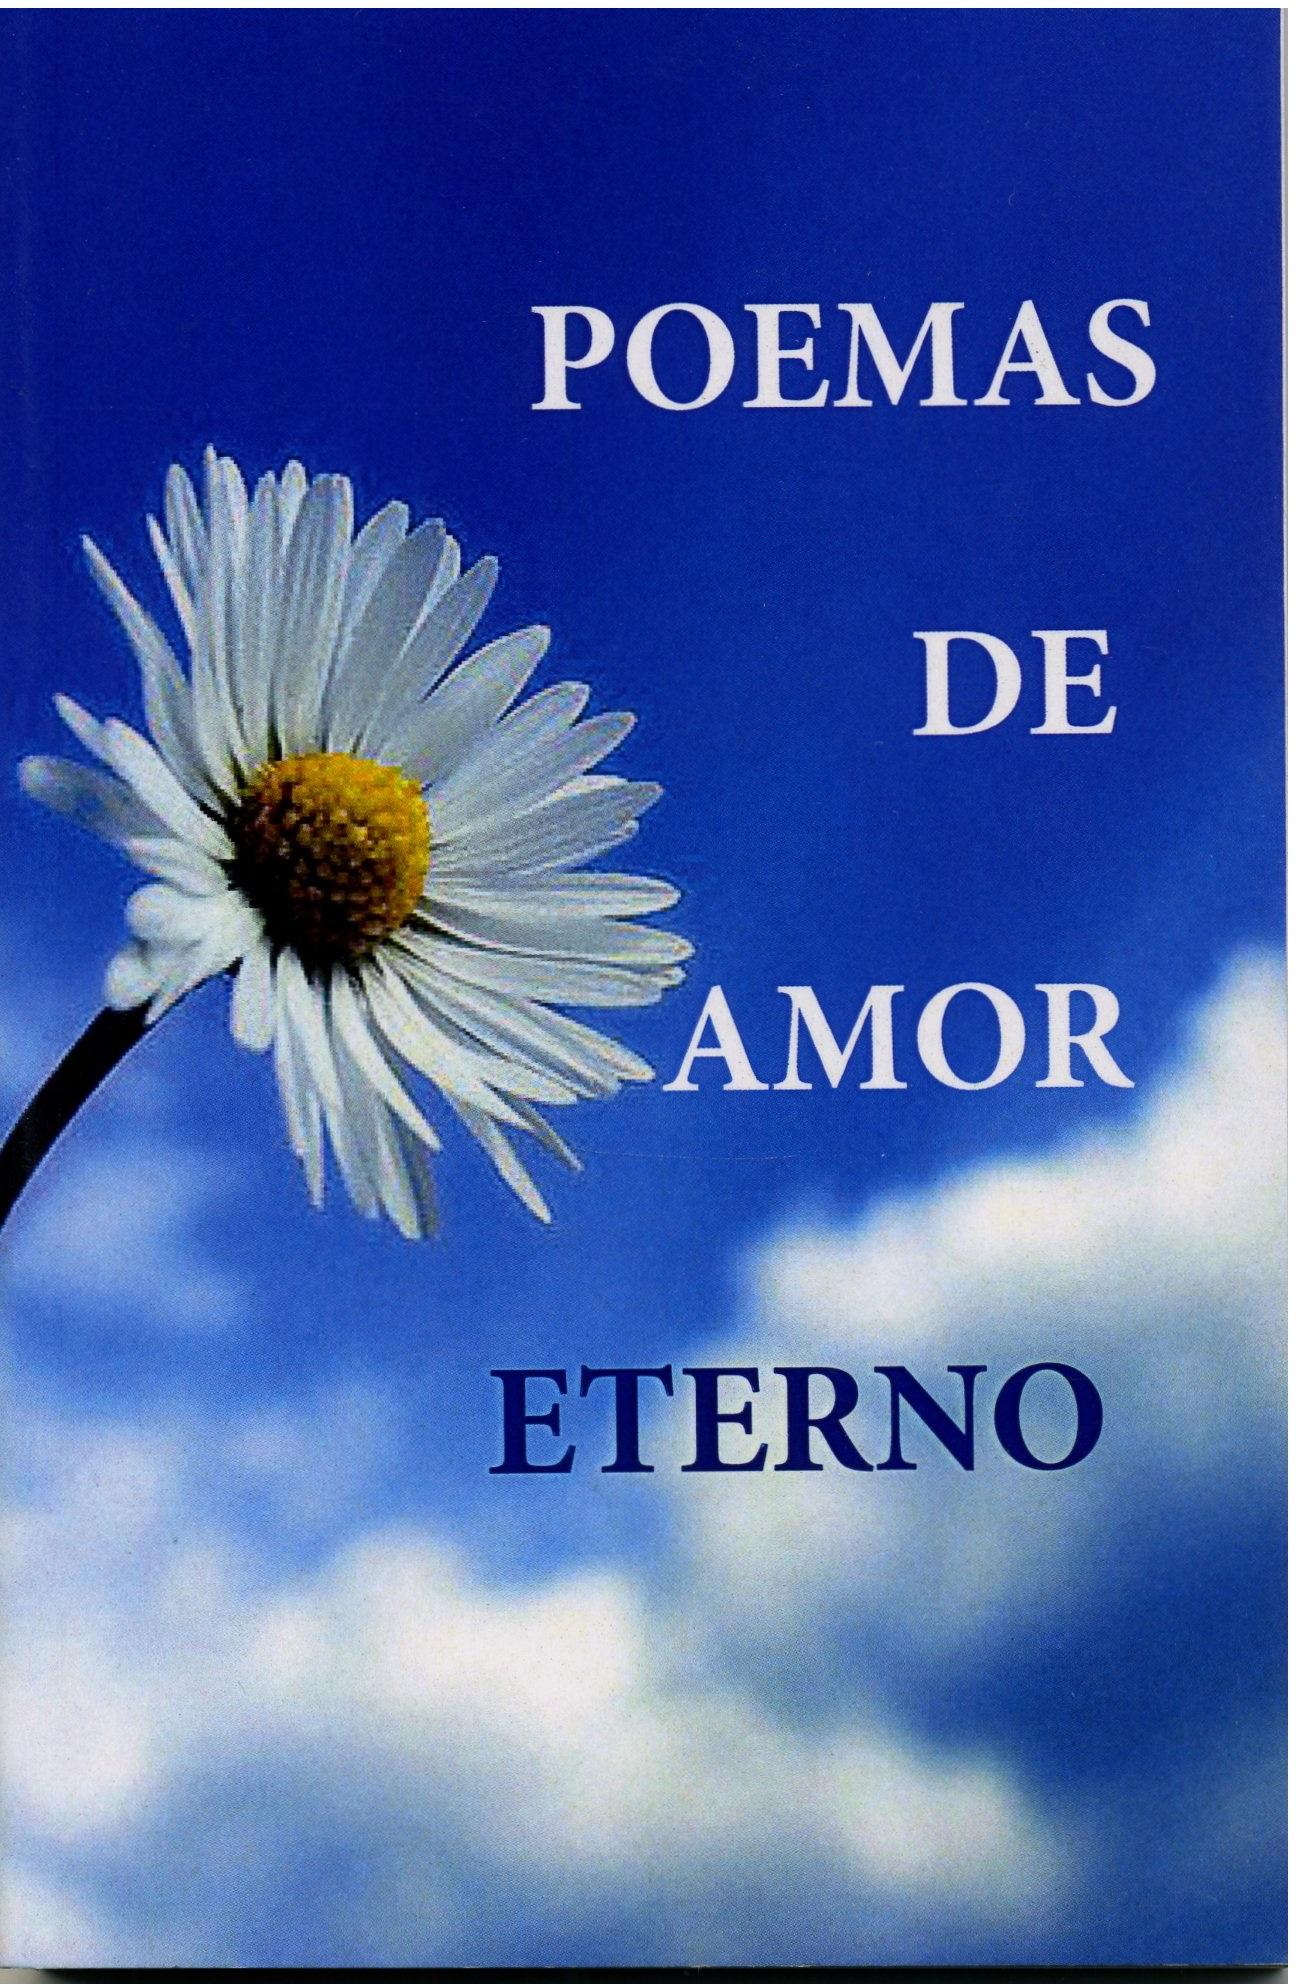 Poemas De Amor Eterno 9789584800169 Clc Colombia